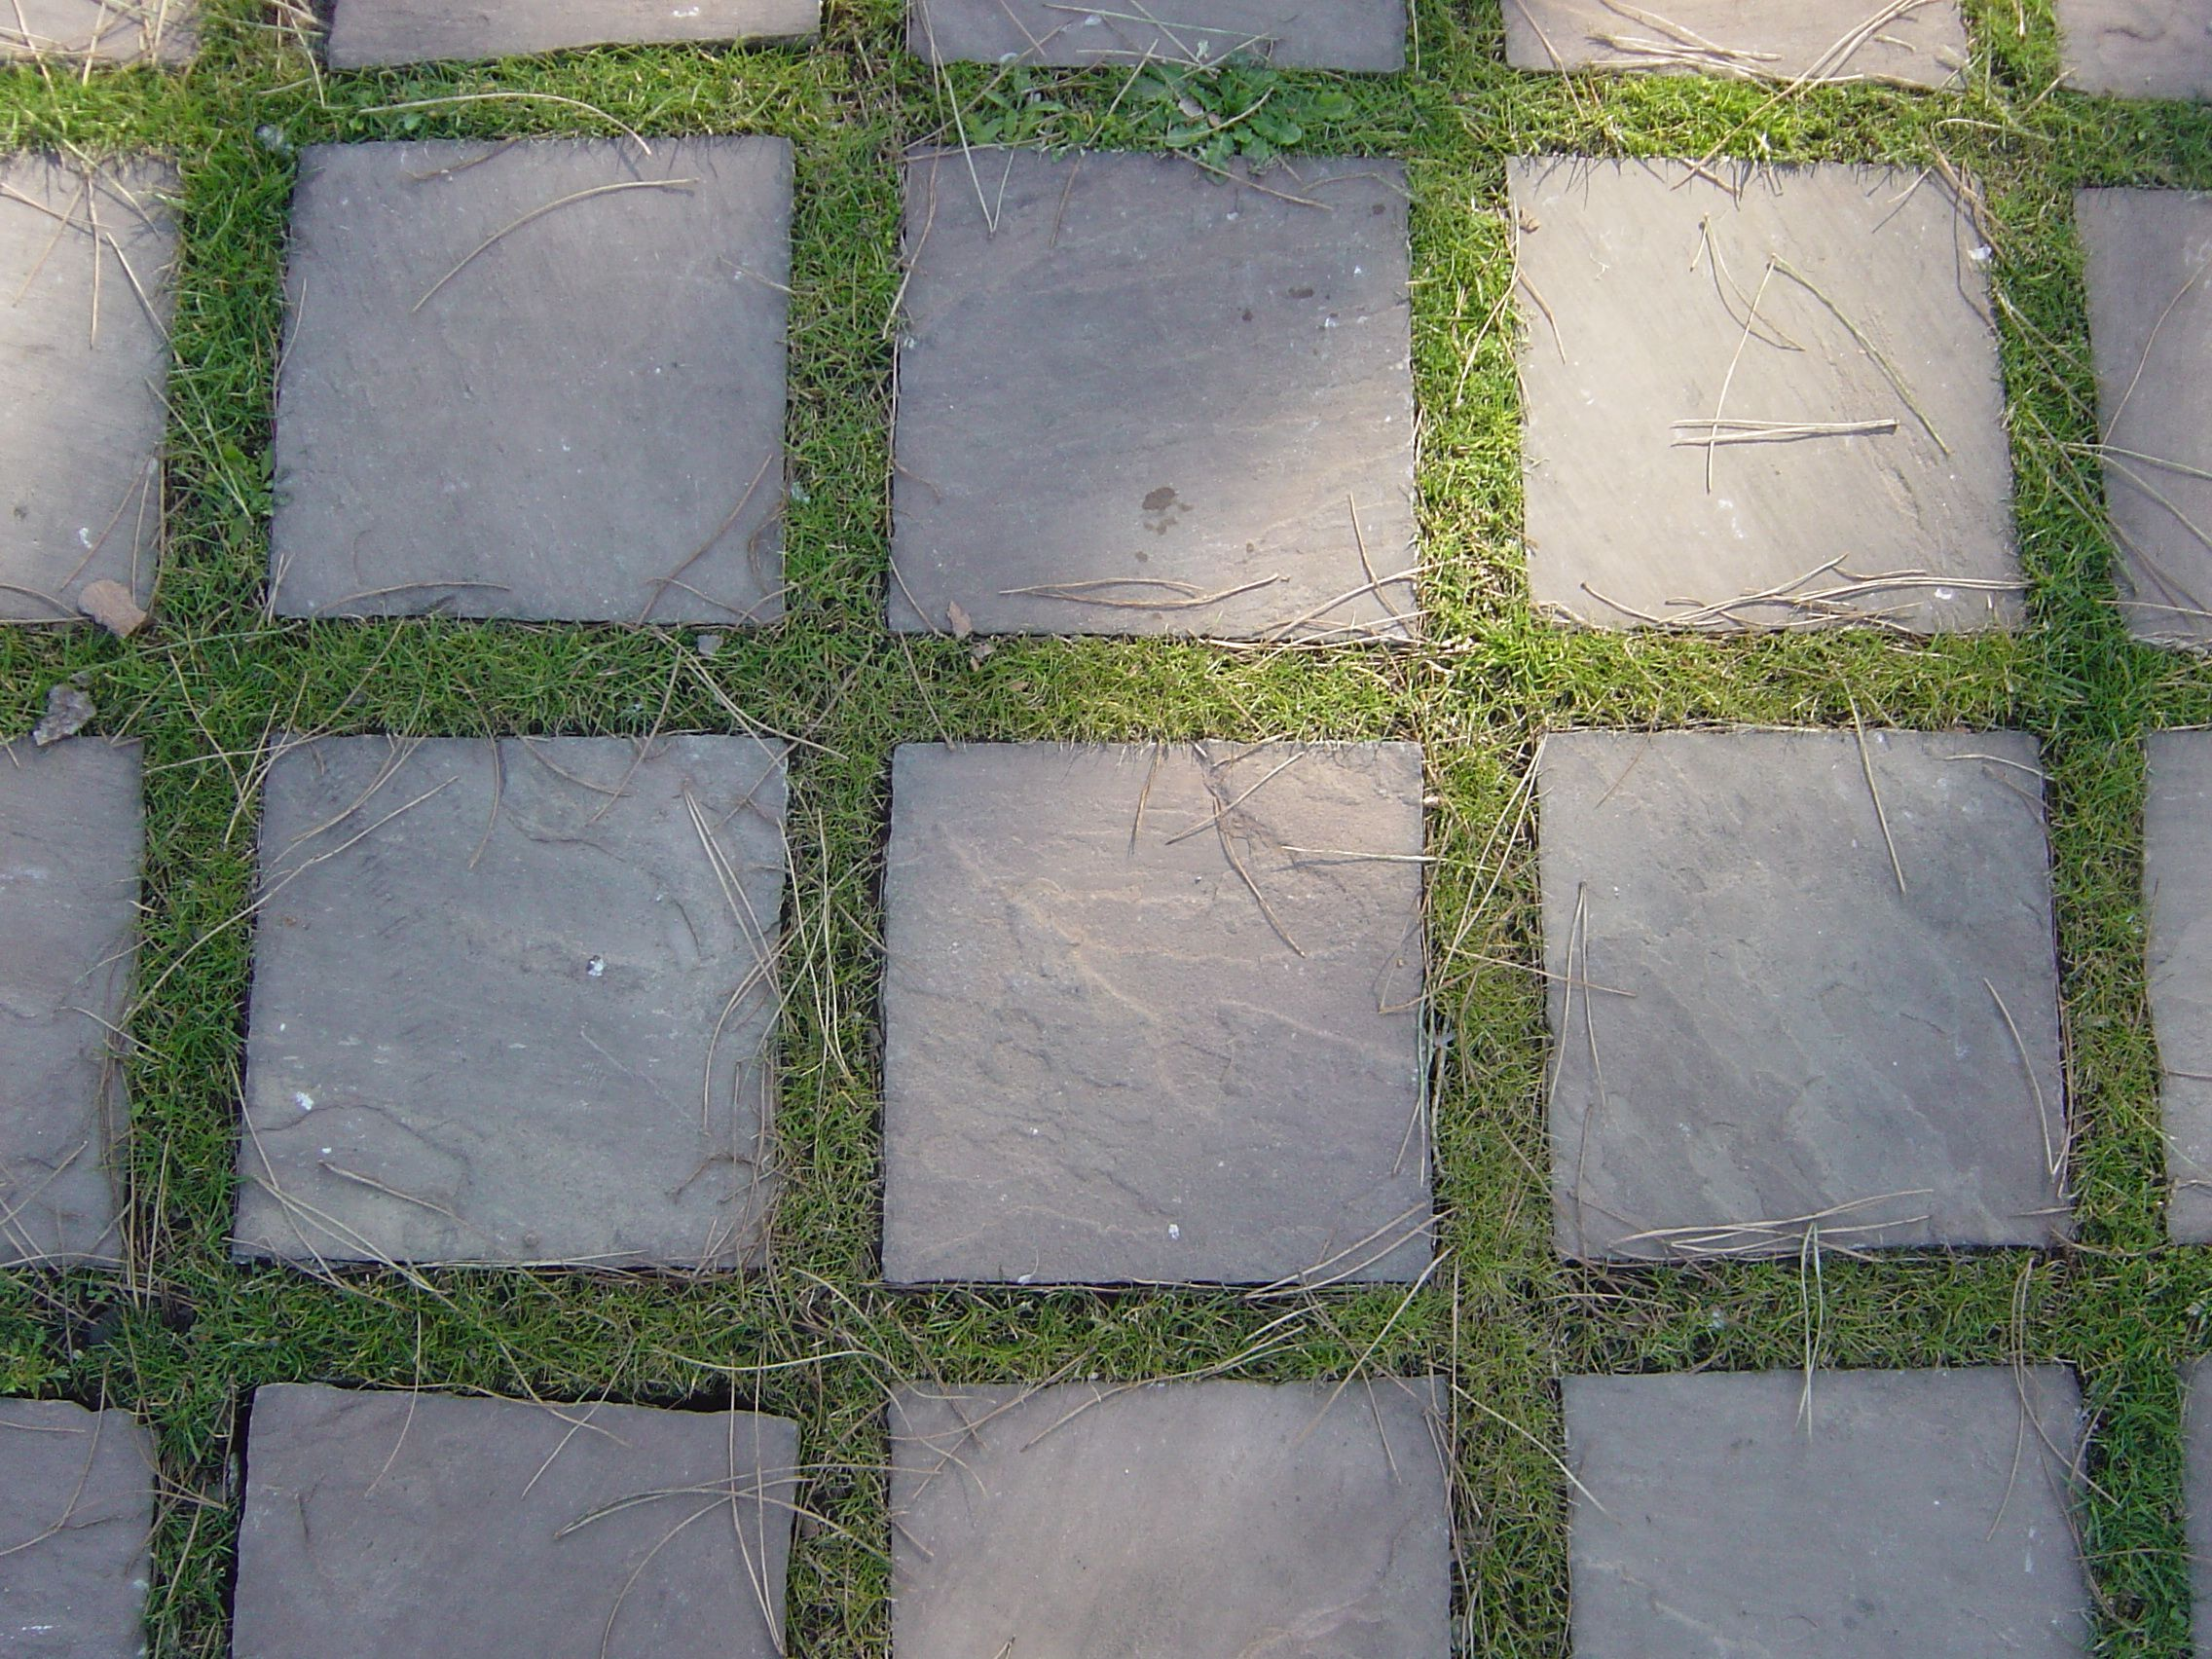 Pavimentazione giardino in pietra arenaria neuter www - Pavimentazione giardino in pietra ...